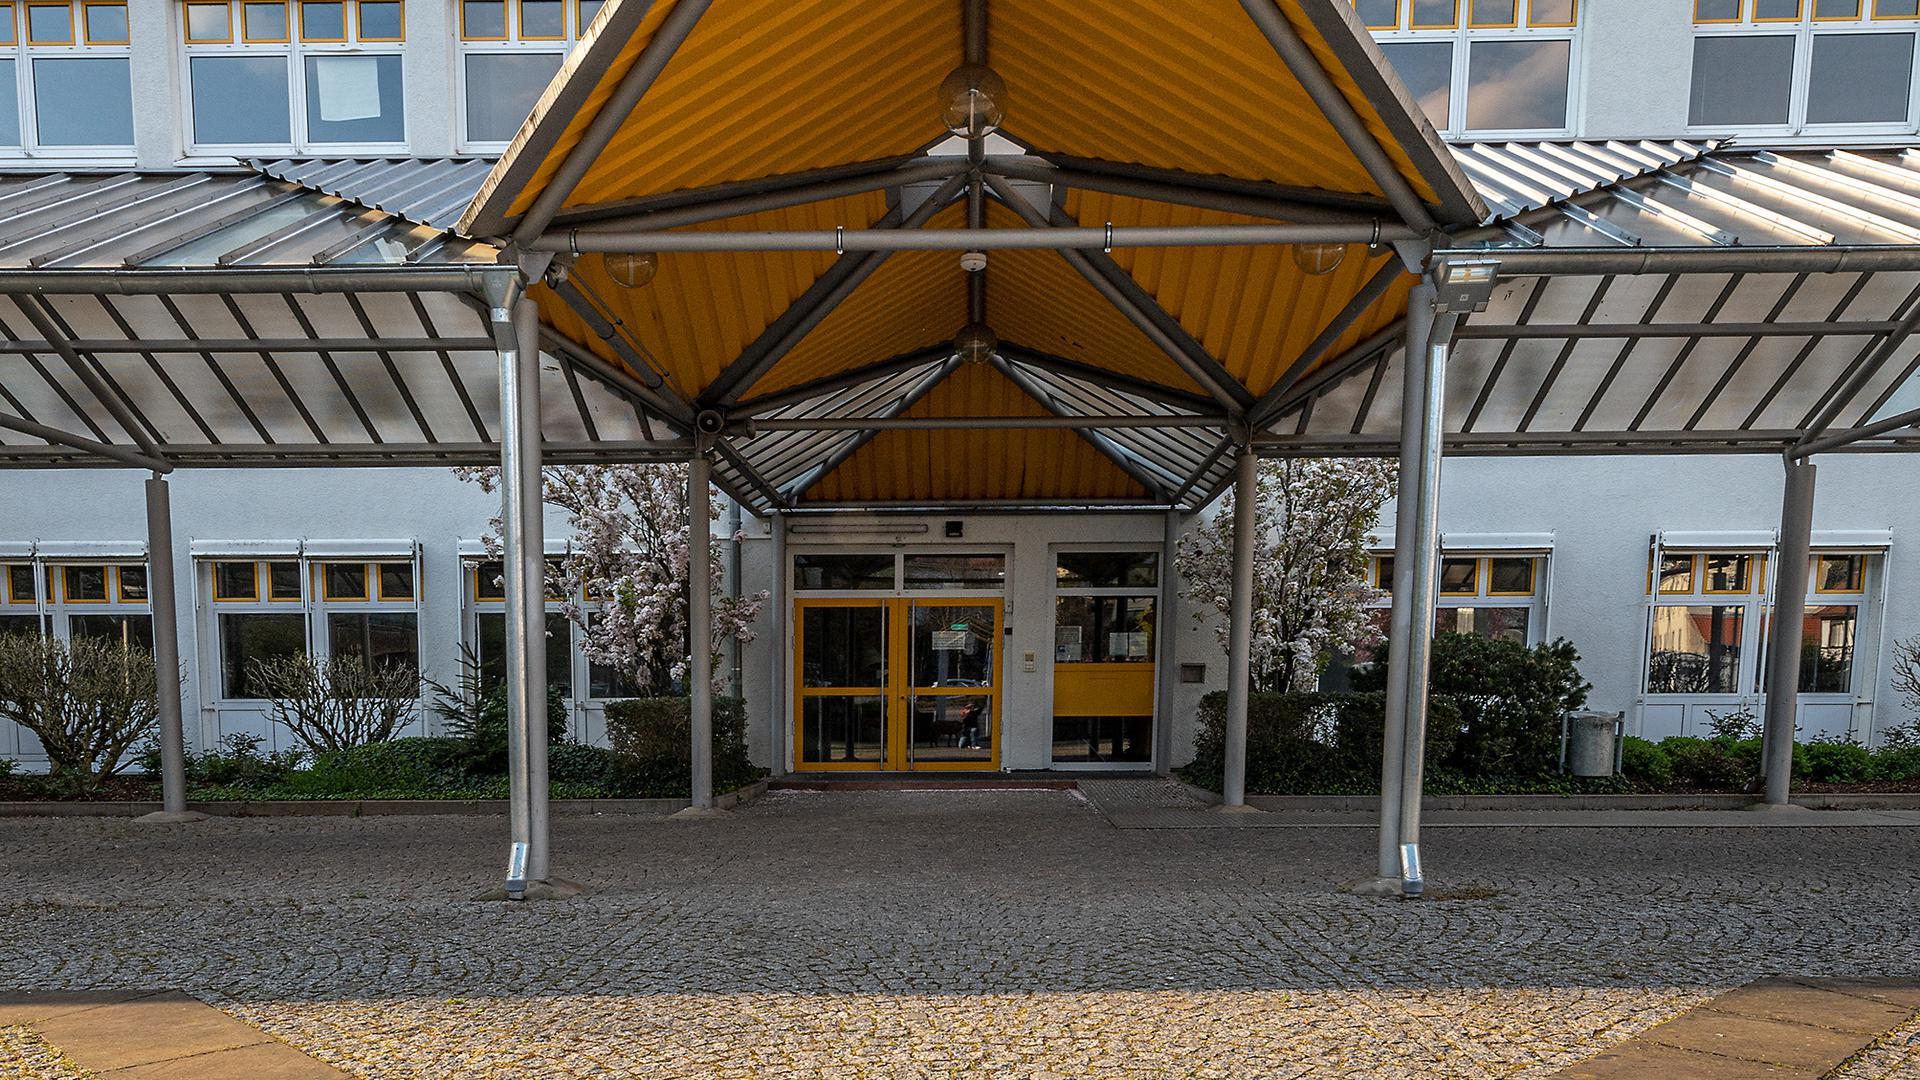 Der HLA droht das Aus: Die Handelslehranstalt in Gernsbach hat seit Jahren mit sinkenden Schülerzahlen zu kämpfen.